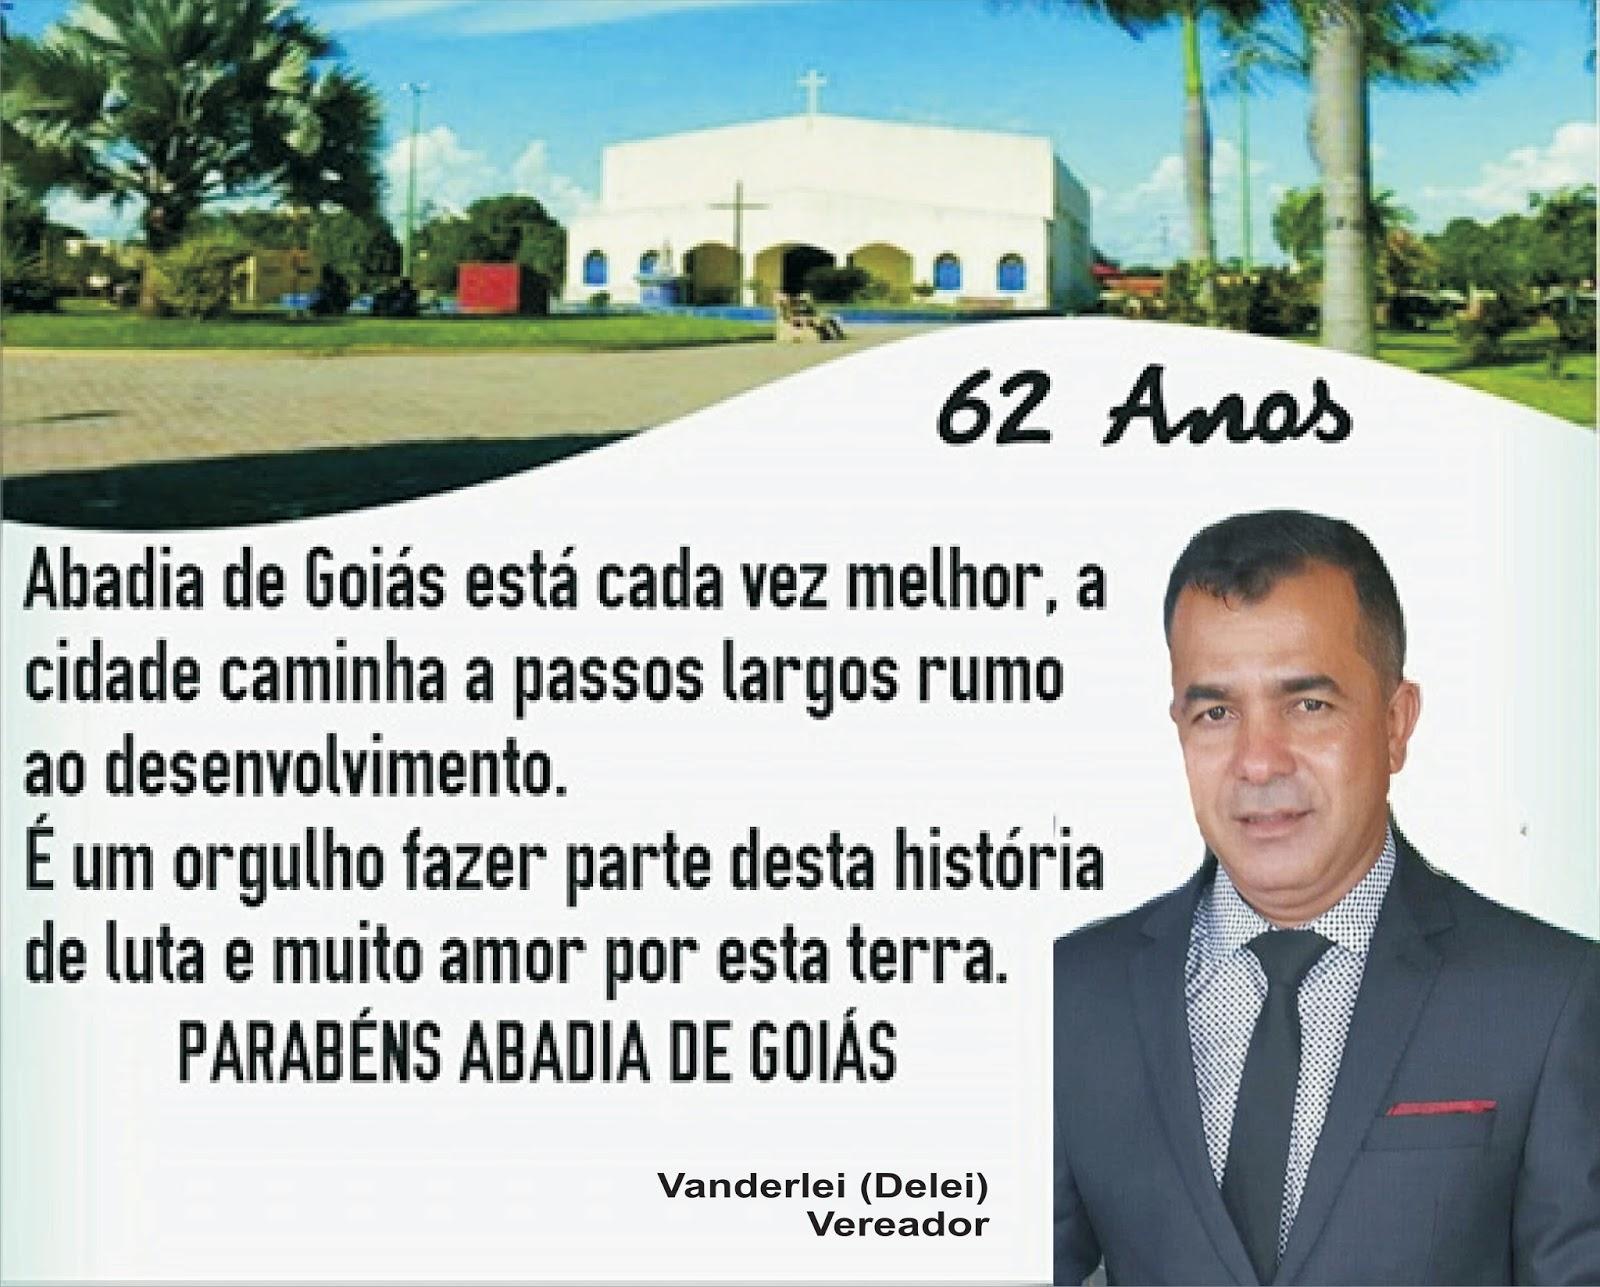 Abadia de Goiás 62 anos de fundação.